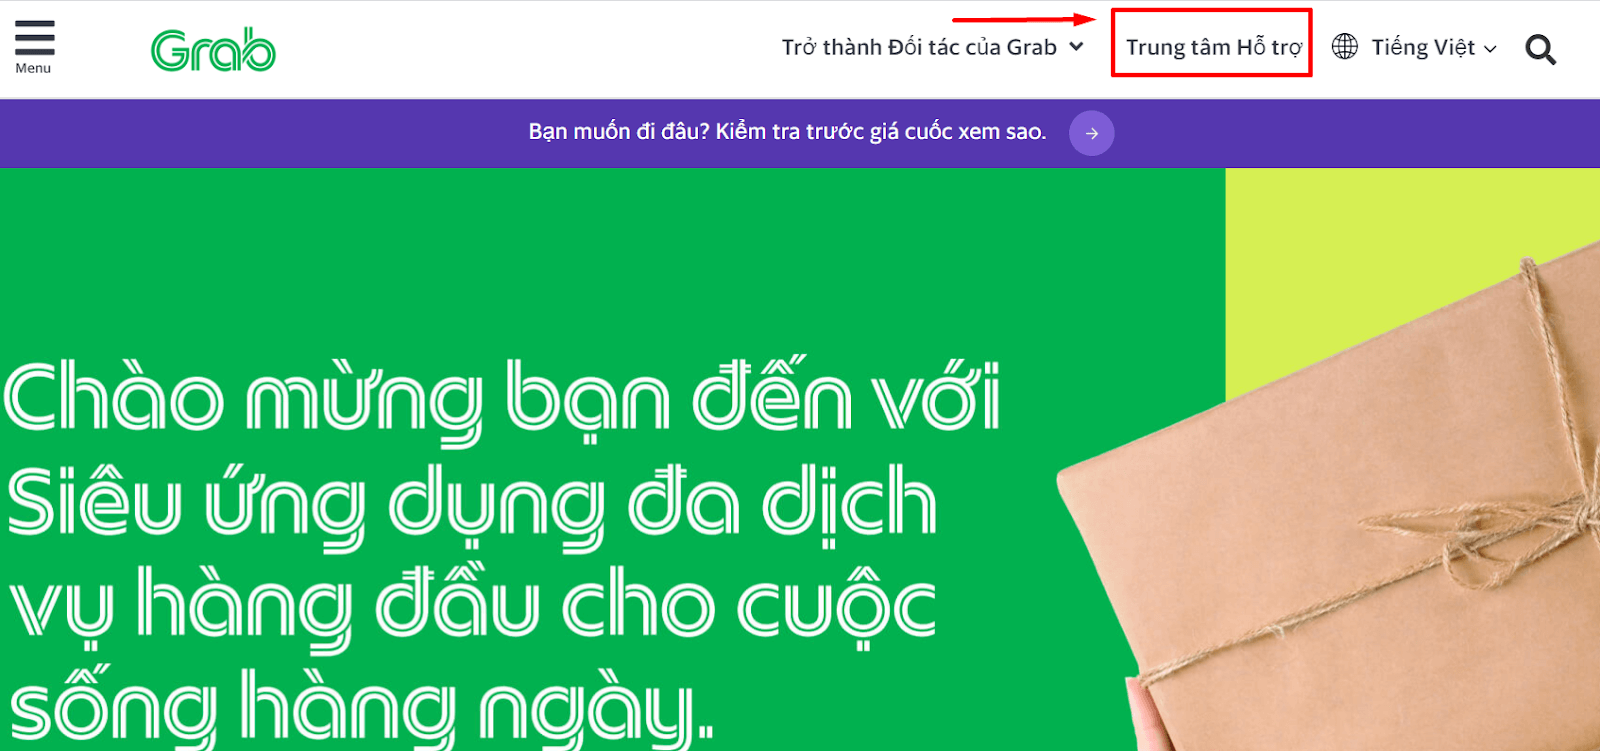 huong-dan-cach-lay-hoa-don-grab-3